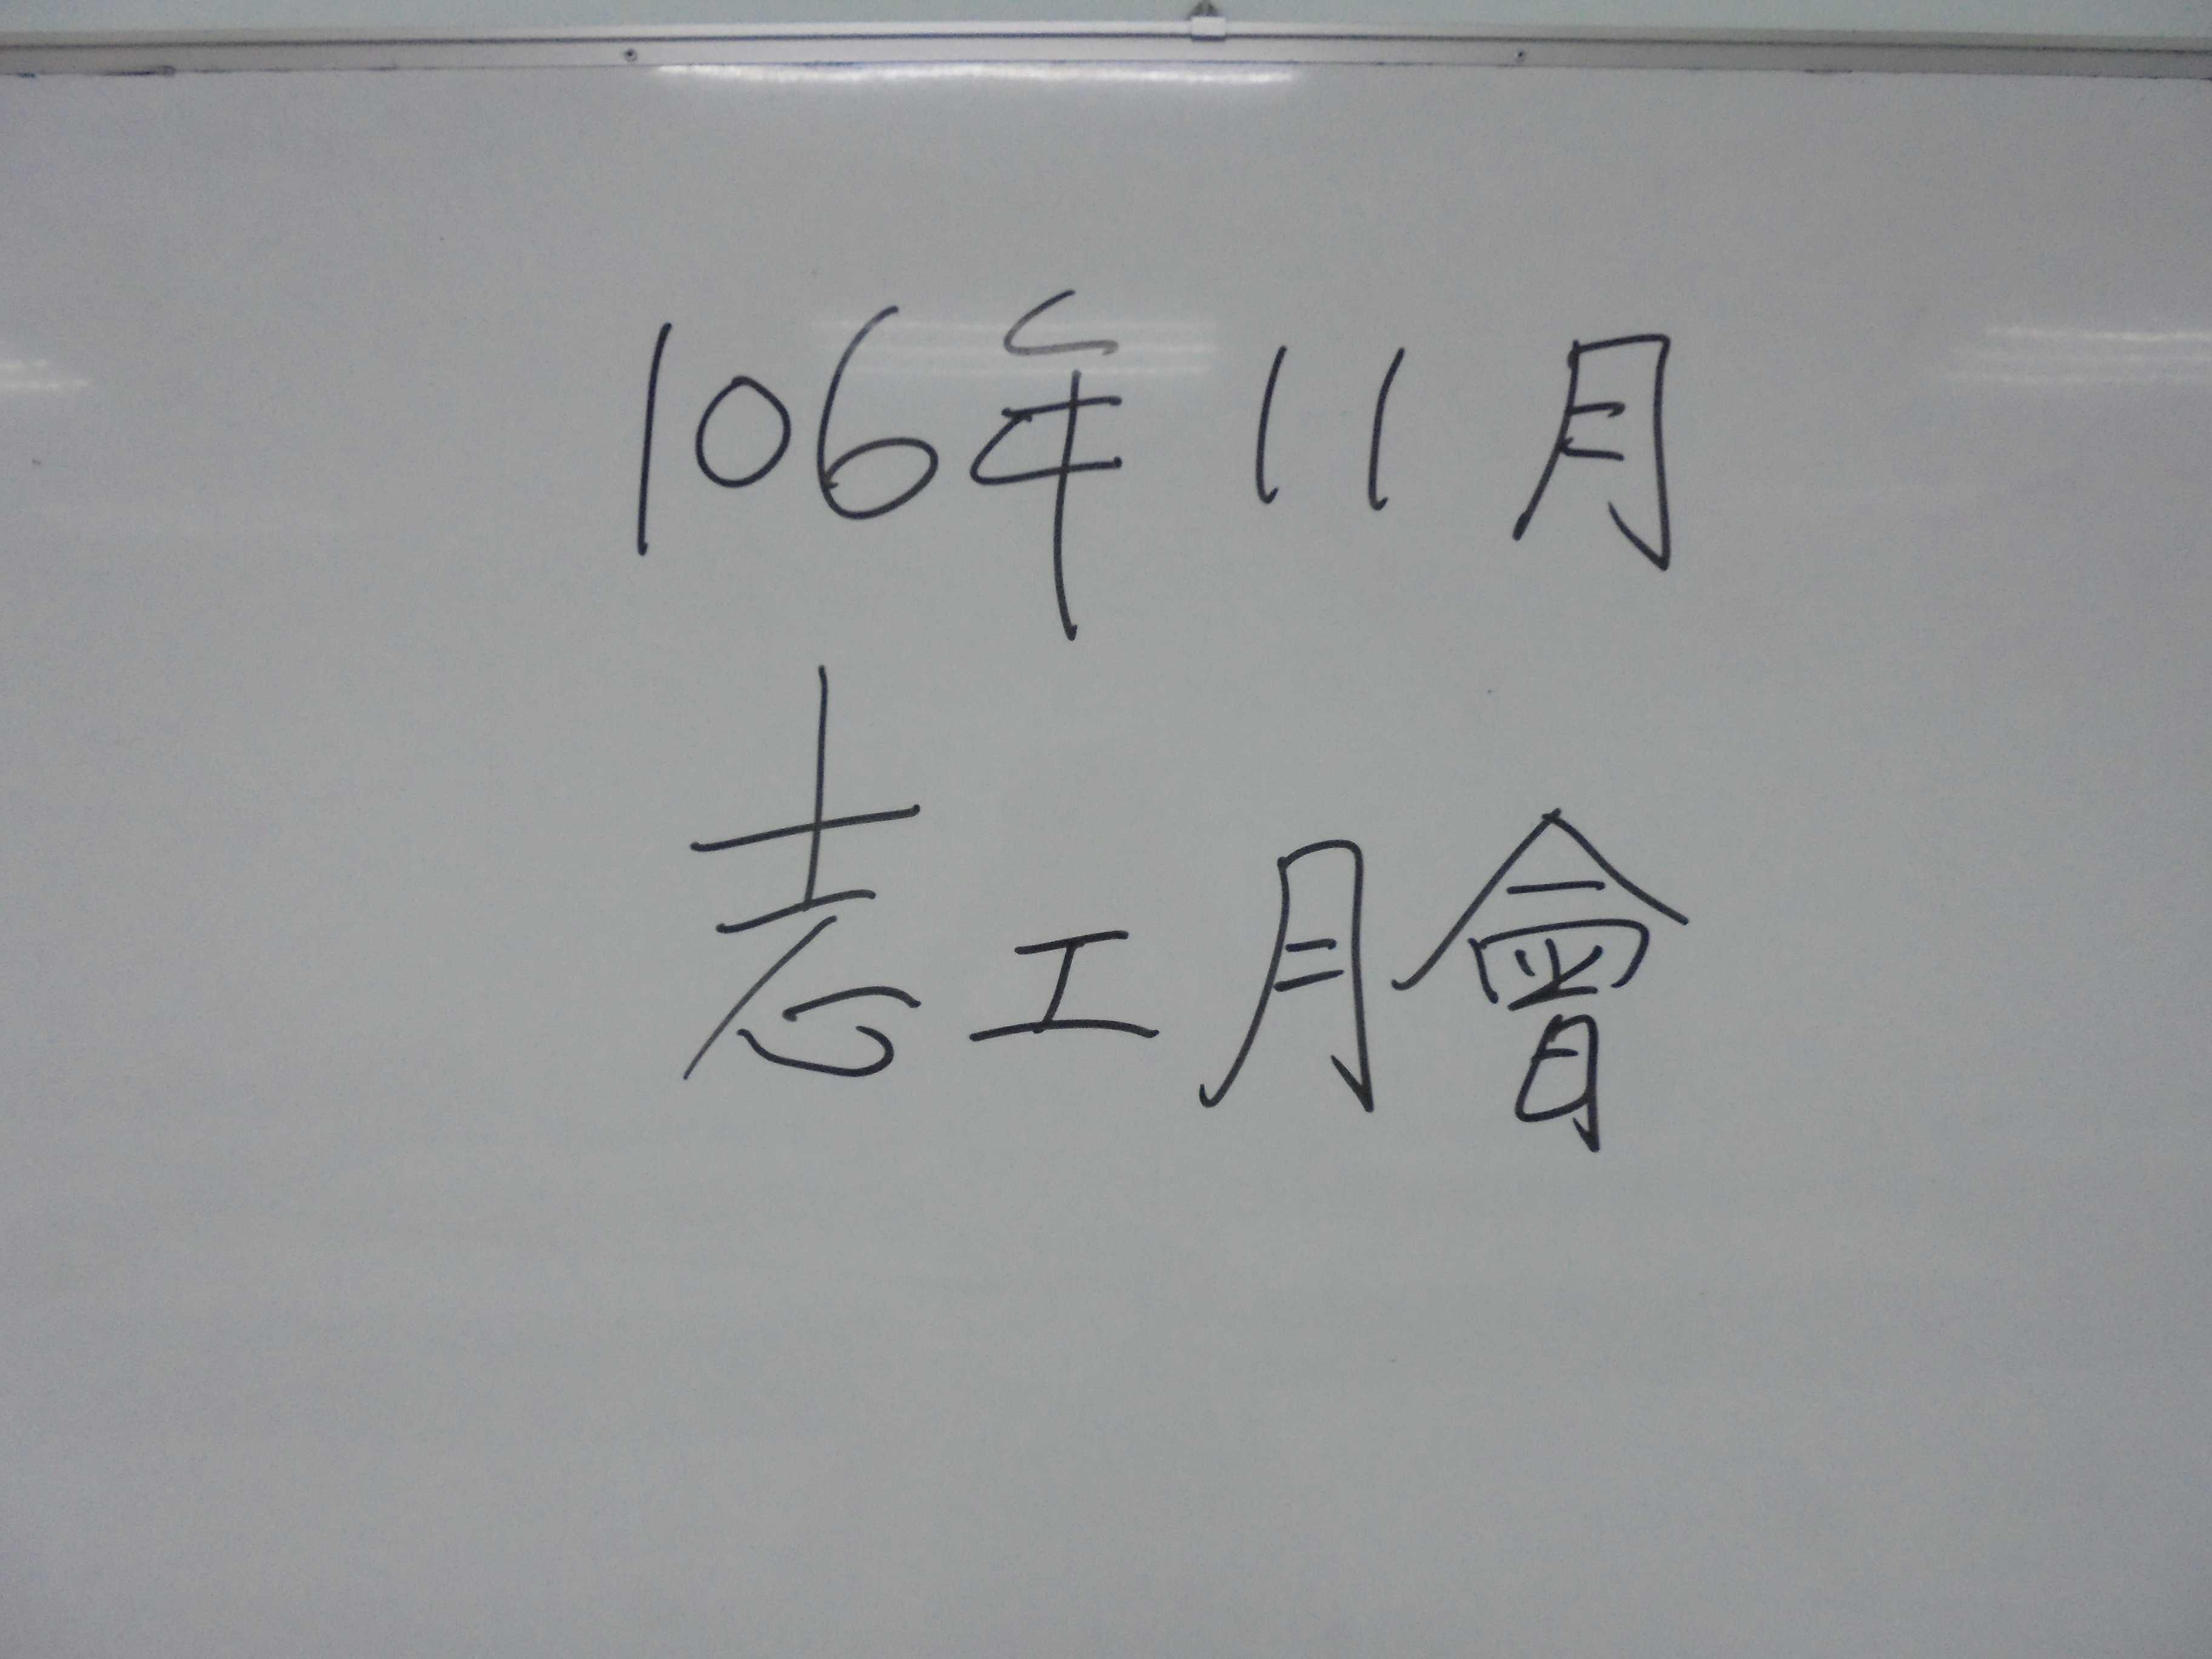 高雄市鳳山老人活動中心106年11月份志工月會